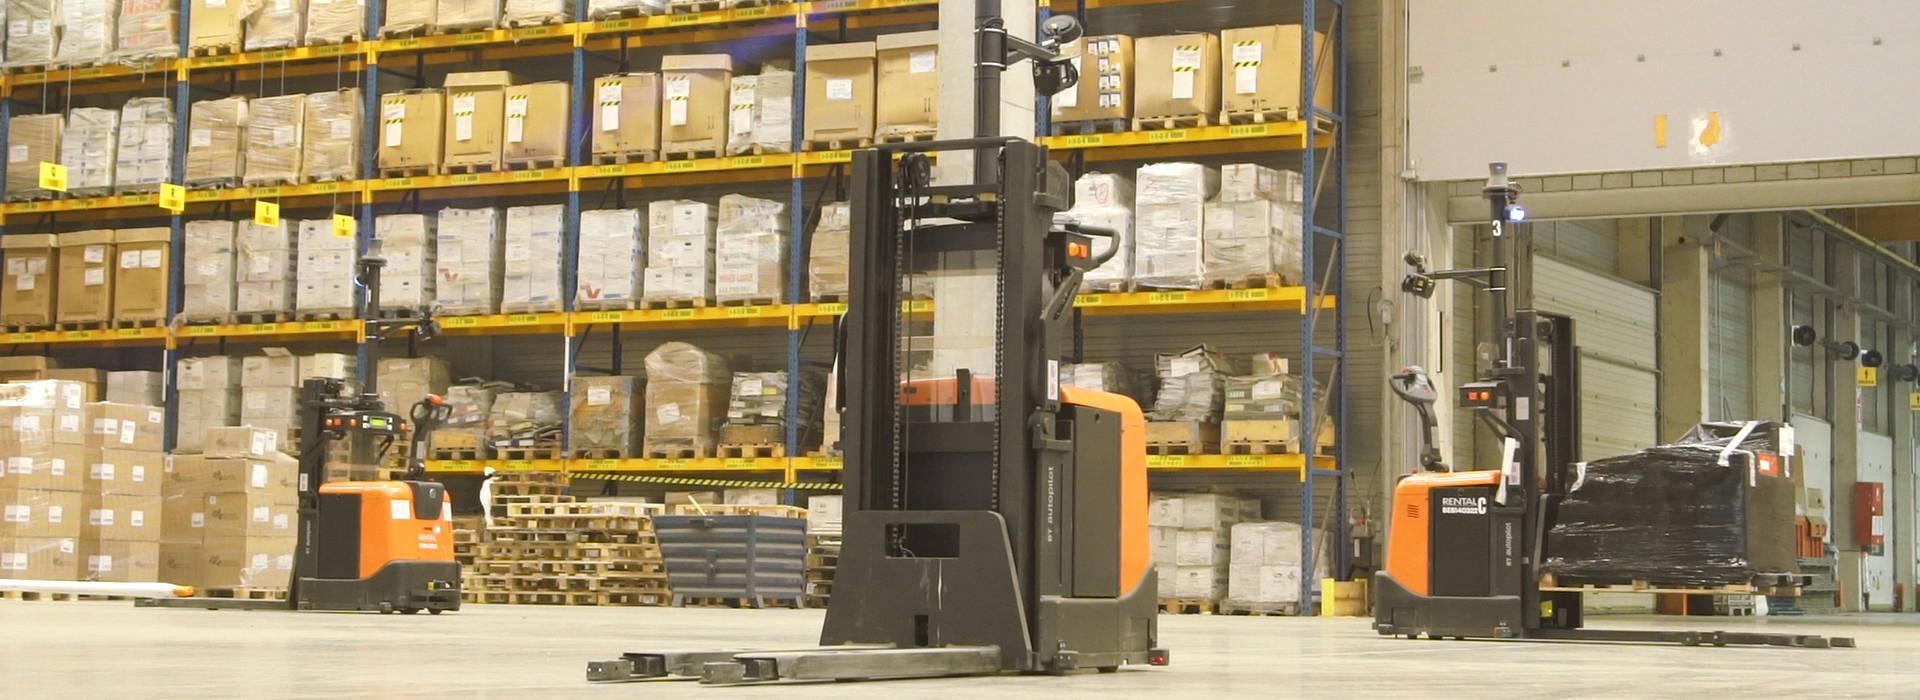 Carretillas automatizadas en el almacén de DSV